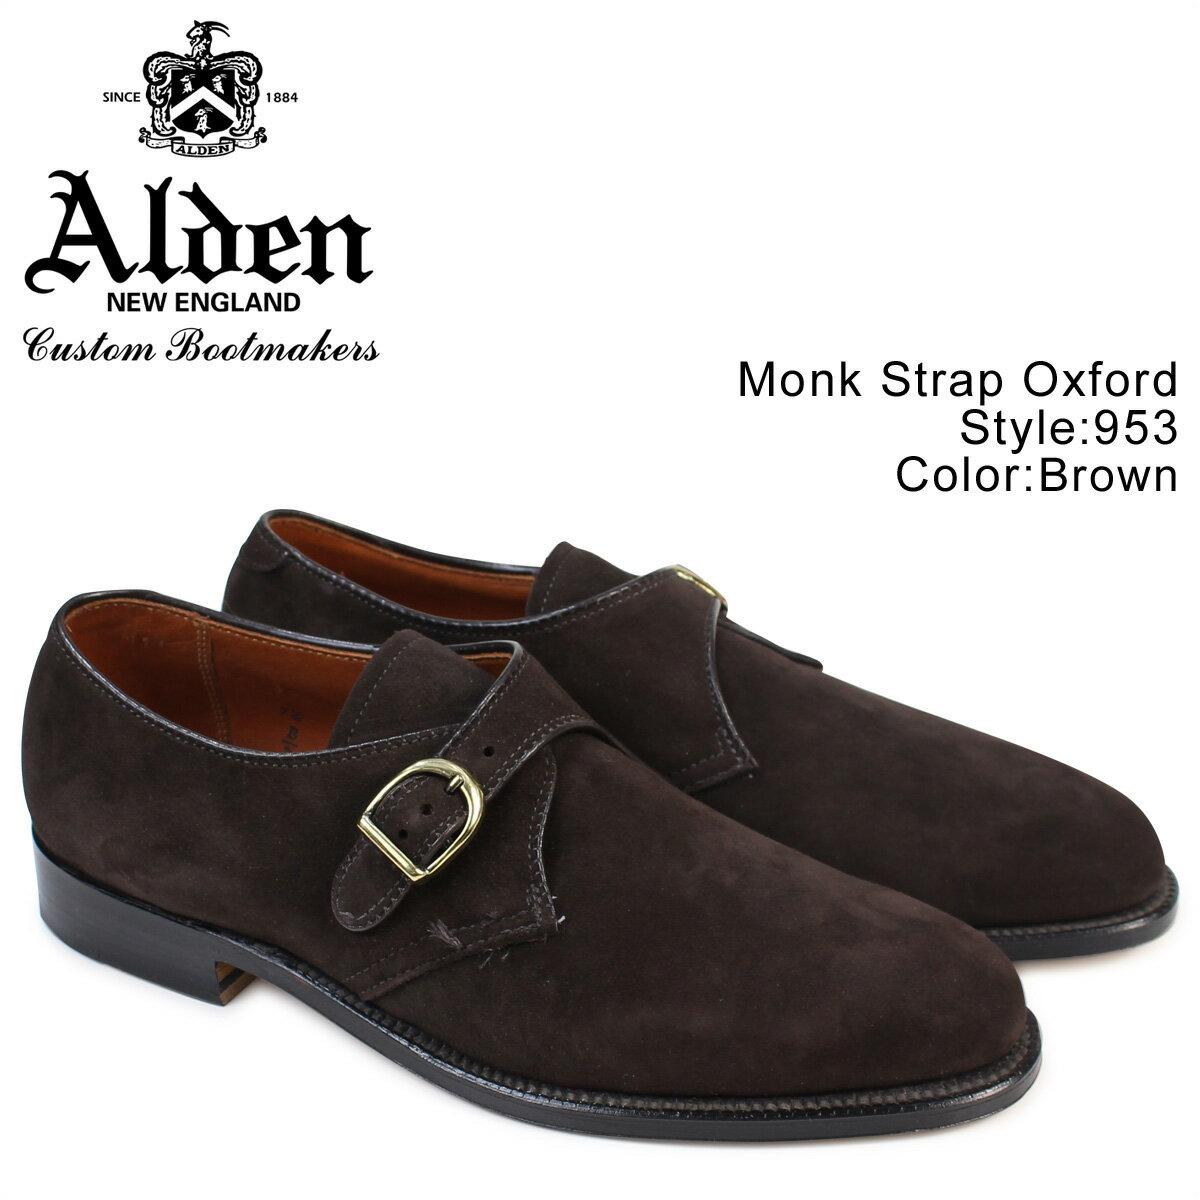 オールデン ALDEN モンクシューズ MONK STRAP OXFORD Dワイズ 953 メンズ